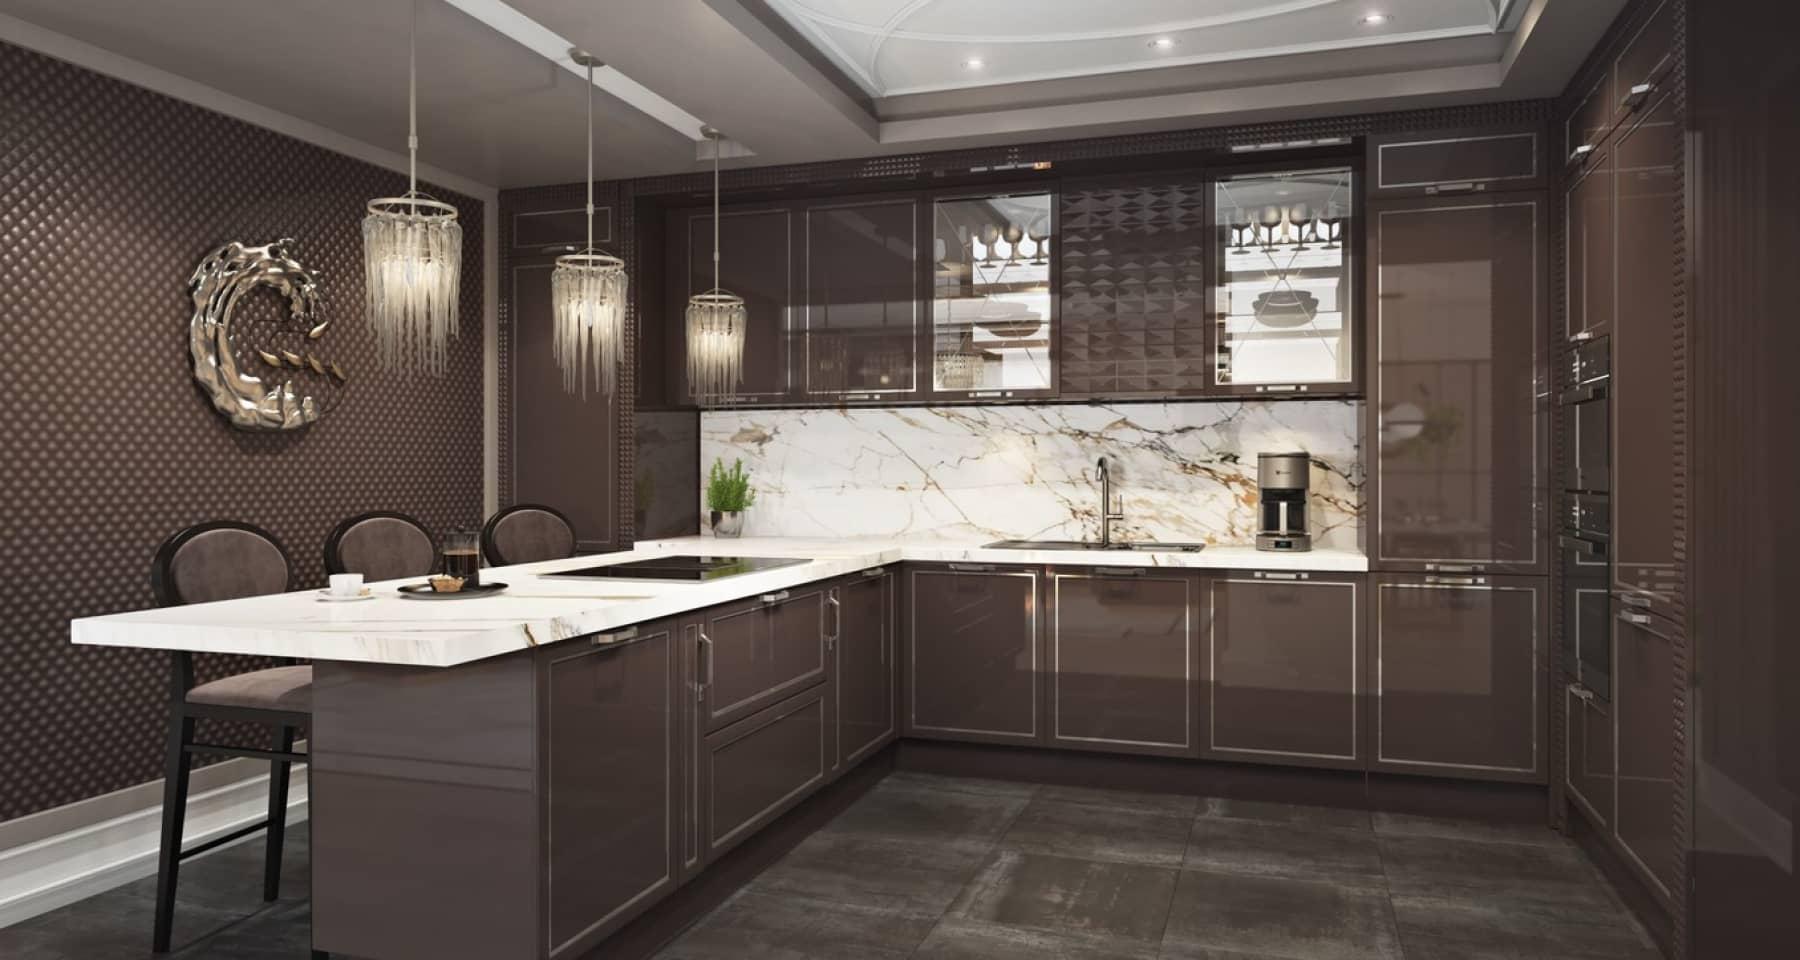 Меблировка дизайнерской кухни с глянцевыми фасадами